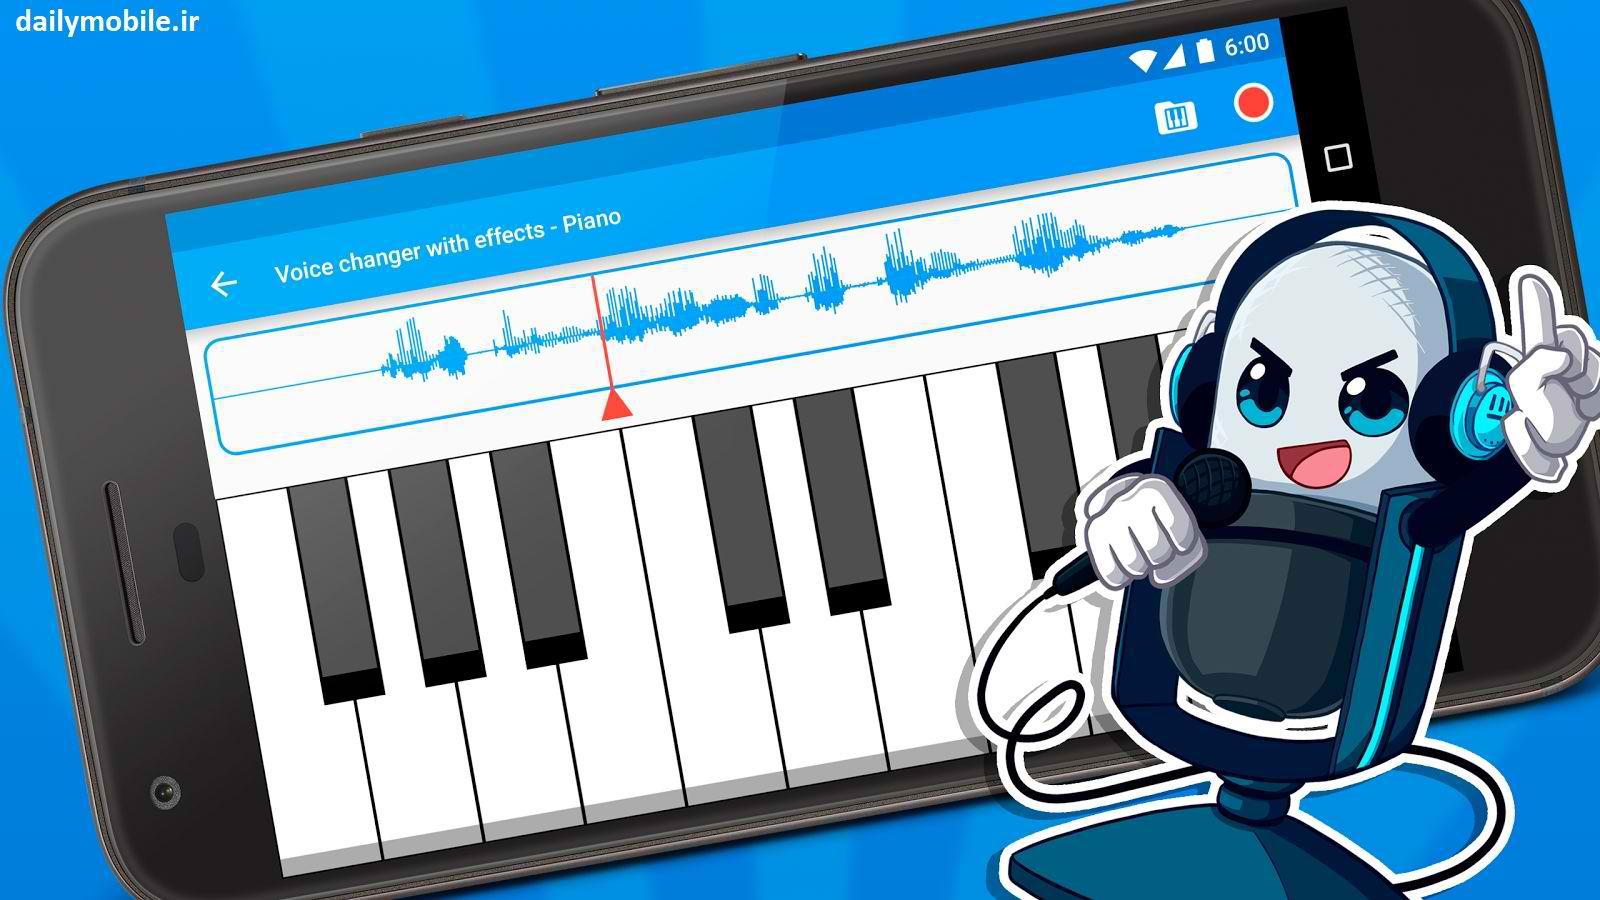 دانلود نرم افزار تغییر صدا Voice changer with effects برای اندروید